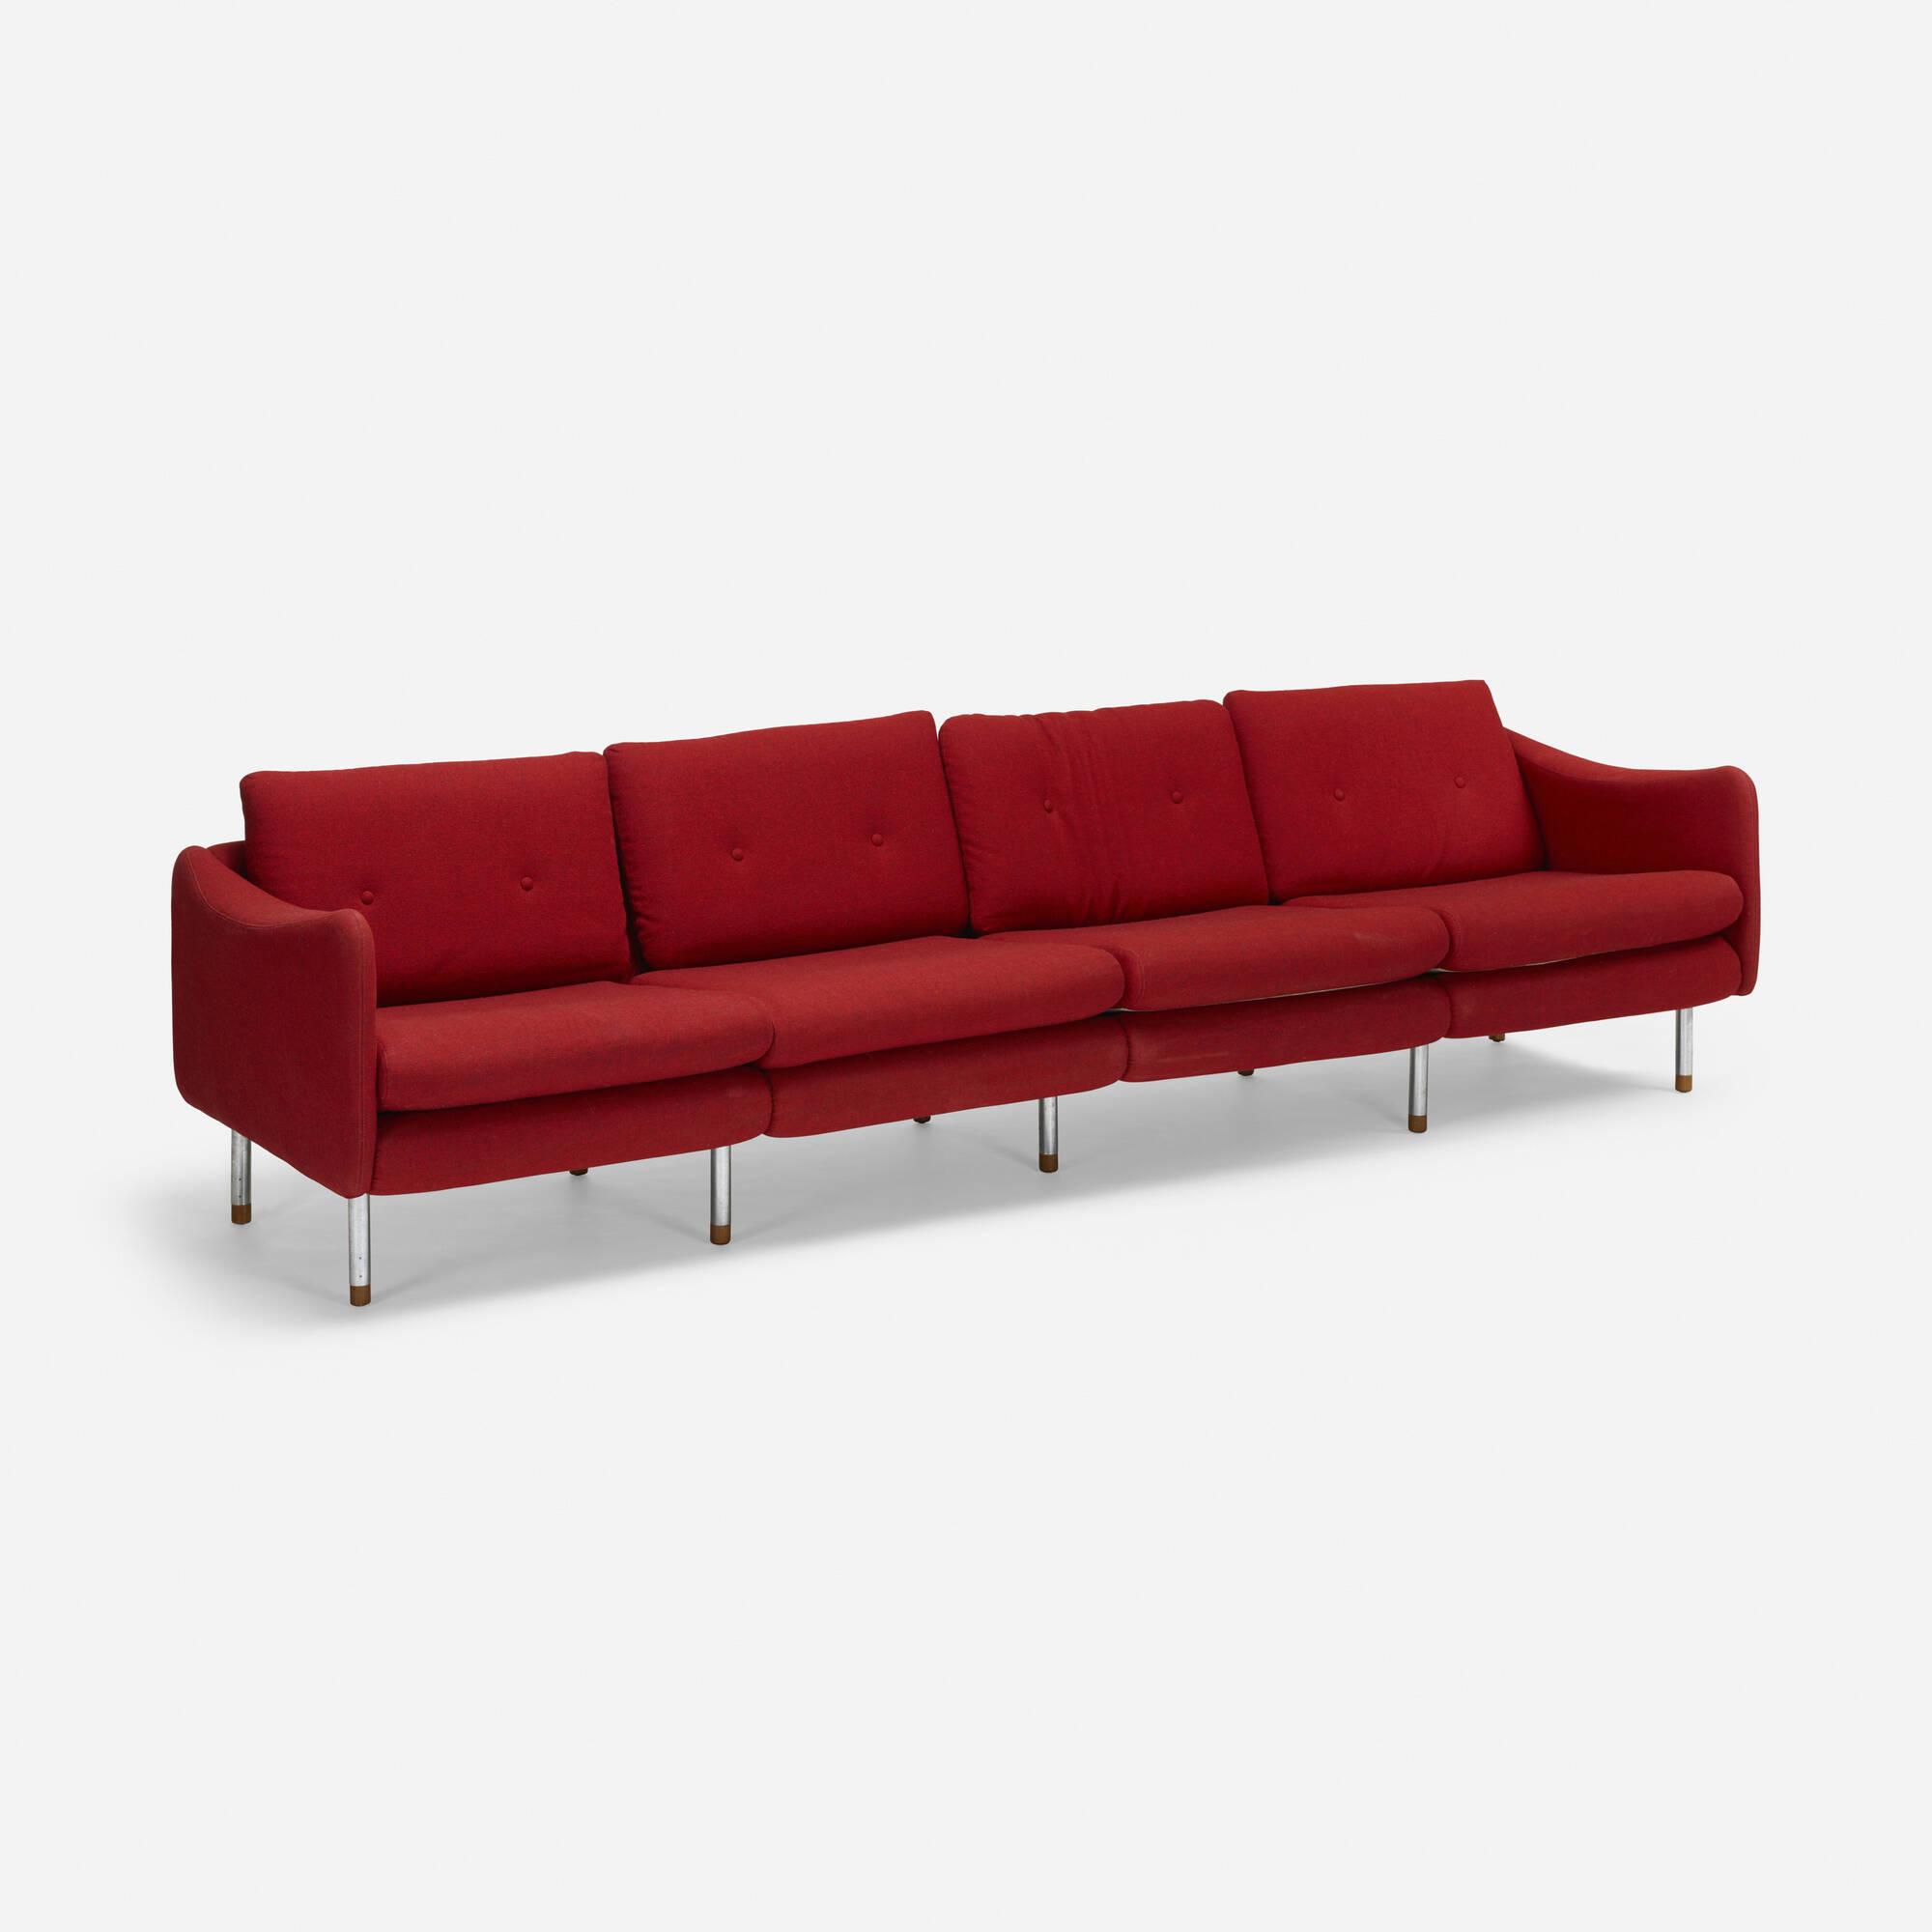 619: Michel Mortier / Teckel sofa (1 of 2)